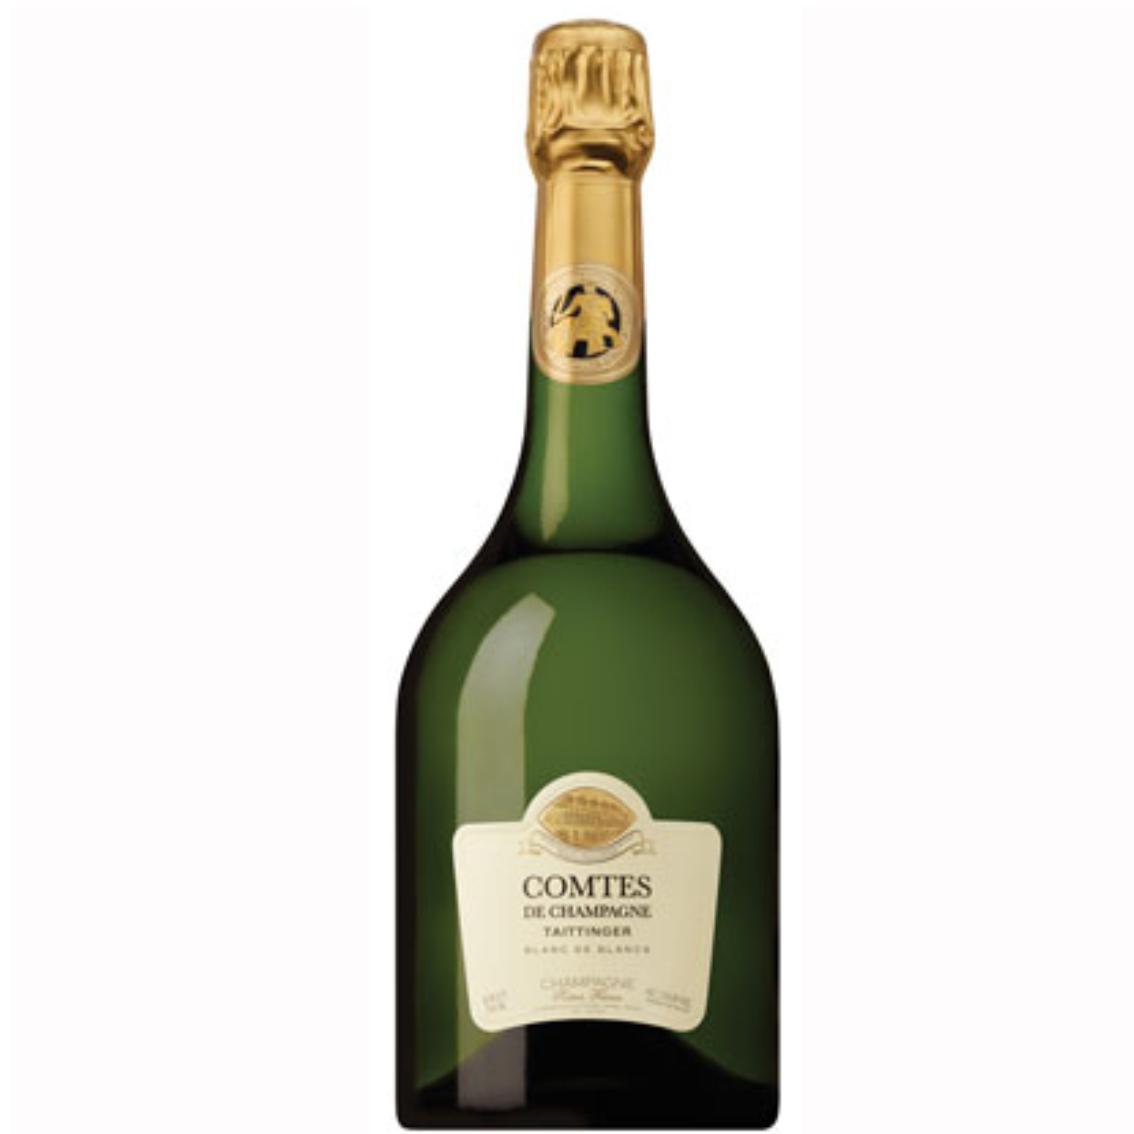 MAGNUM (1,5 l.) 2008 Comtes de Champagne - Taittinger